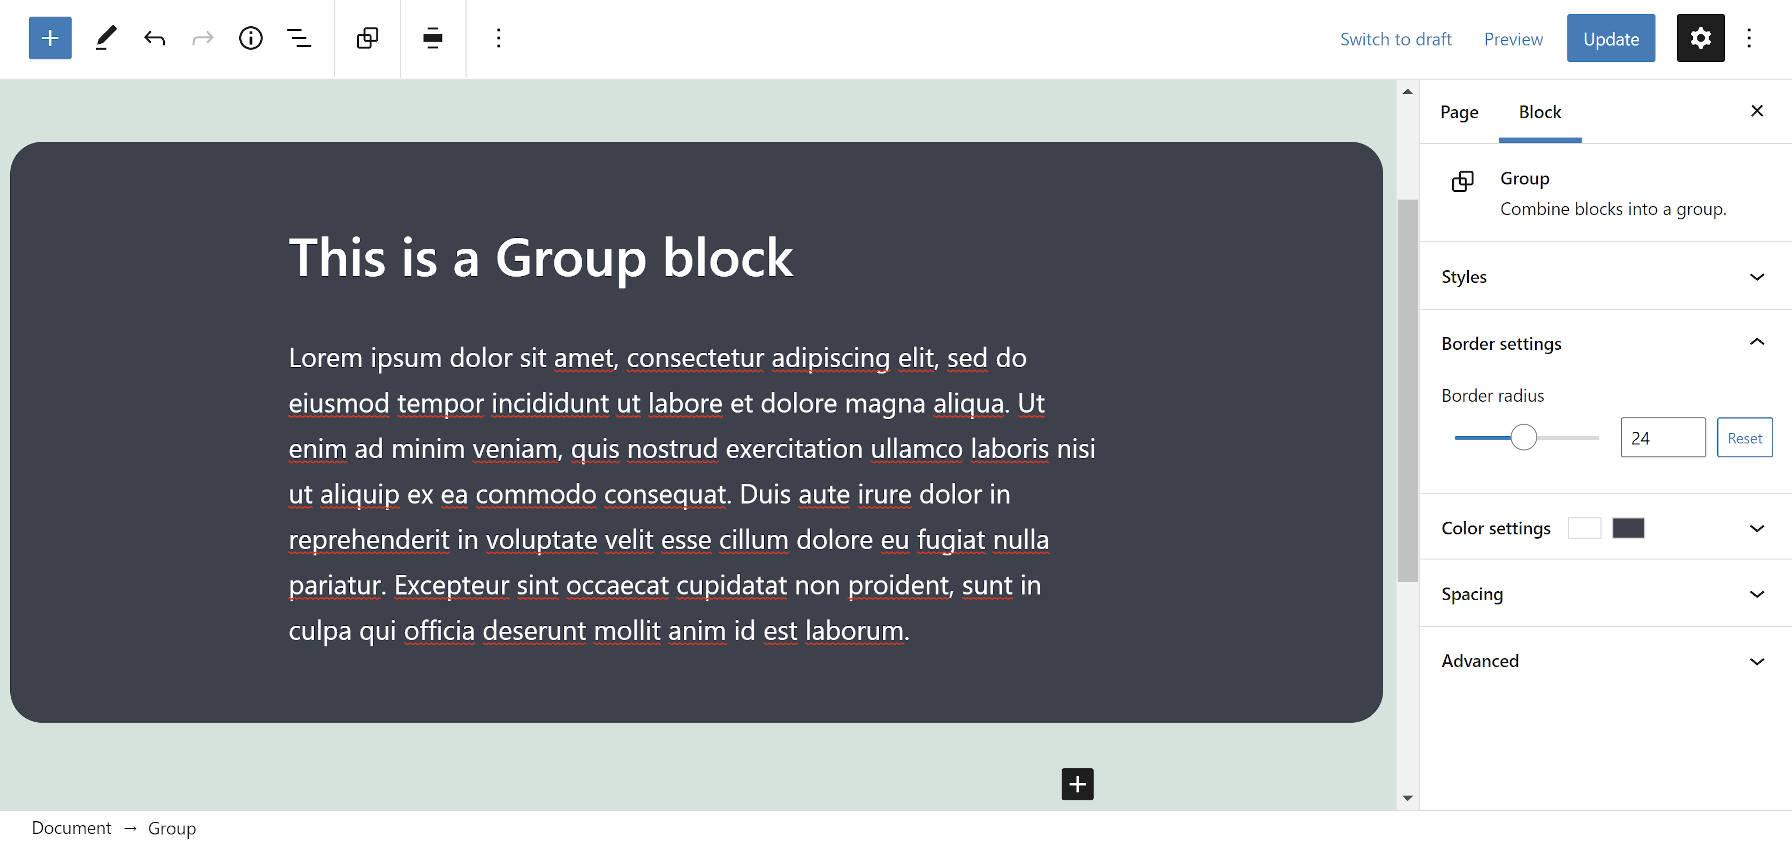 Bloc de groupe dans l'éditeur avec des bordures arrondies.